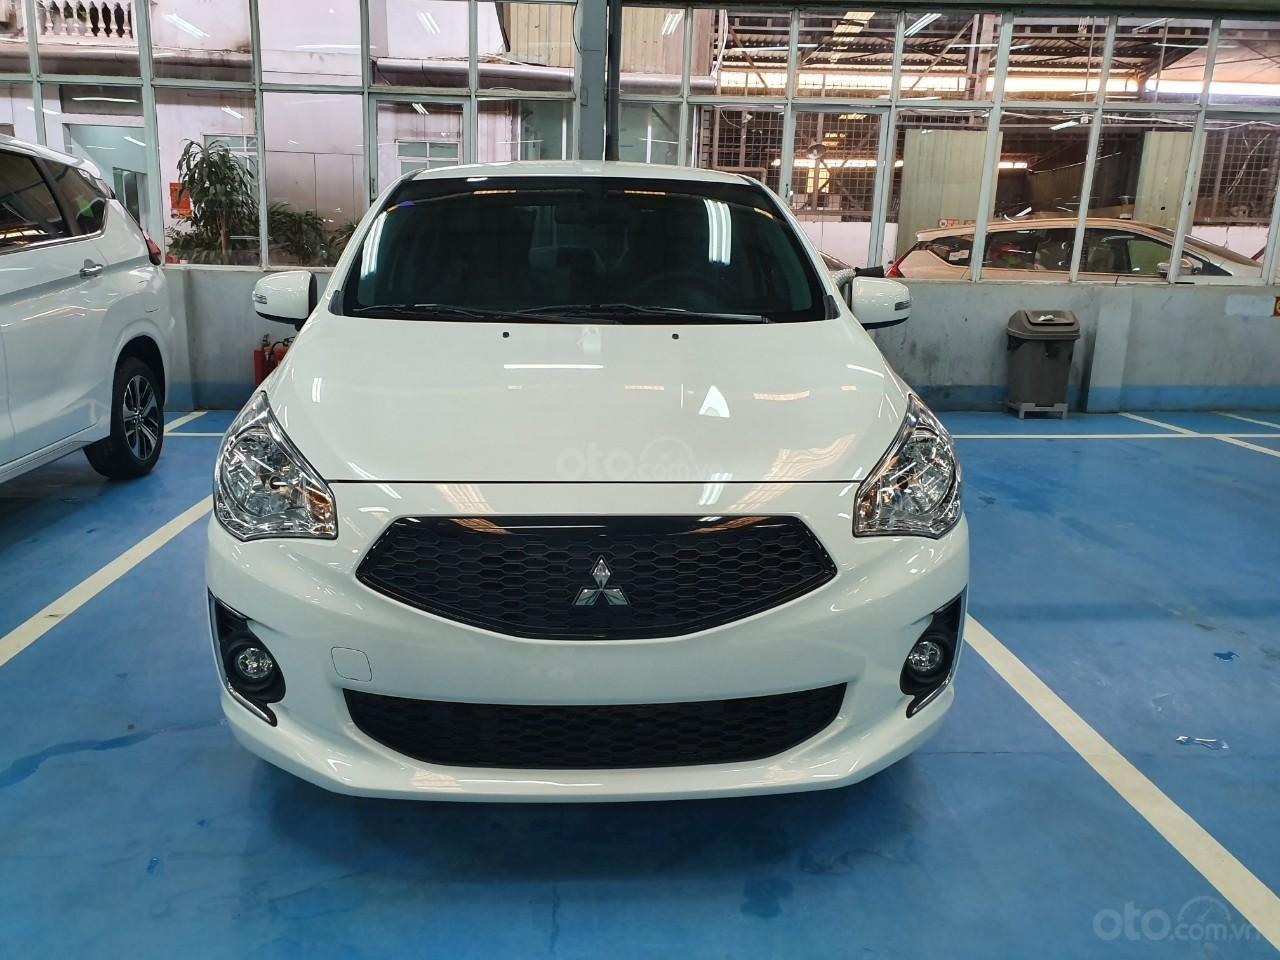 Bán xe Mitsubishi Attrage MT ECO năm sản xuất 2019, màu trắng, nhập khẩu (1)